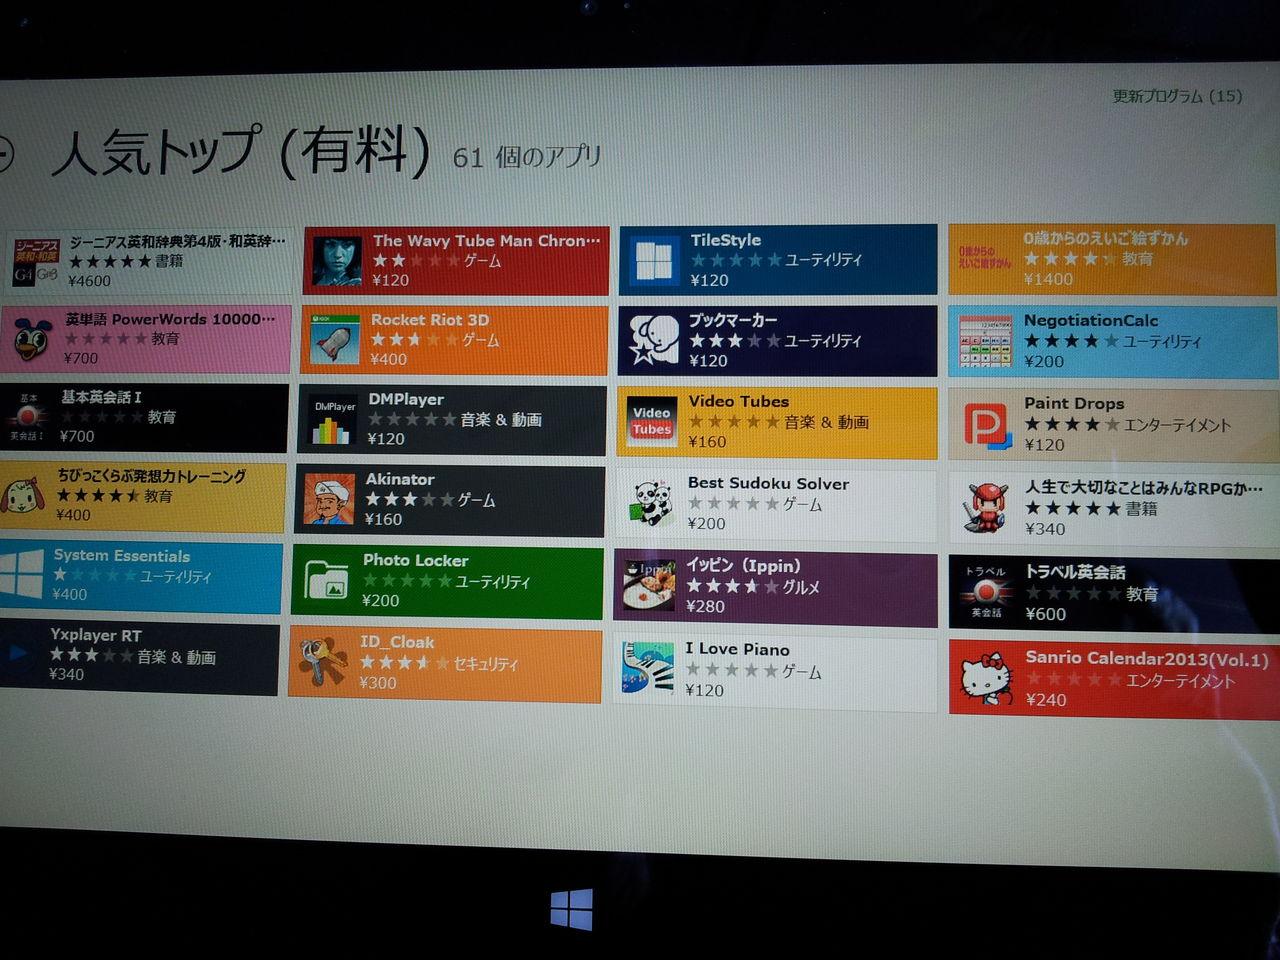 d5d20419.jpg - 只今Windows8アプリ TOPにランキング入りしています